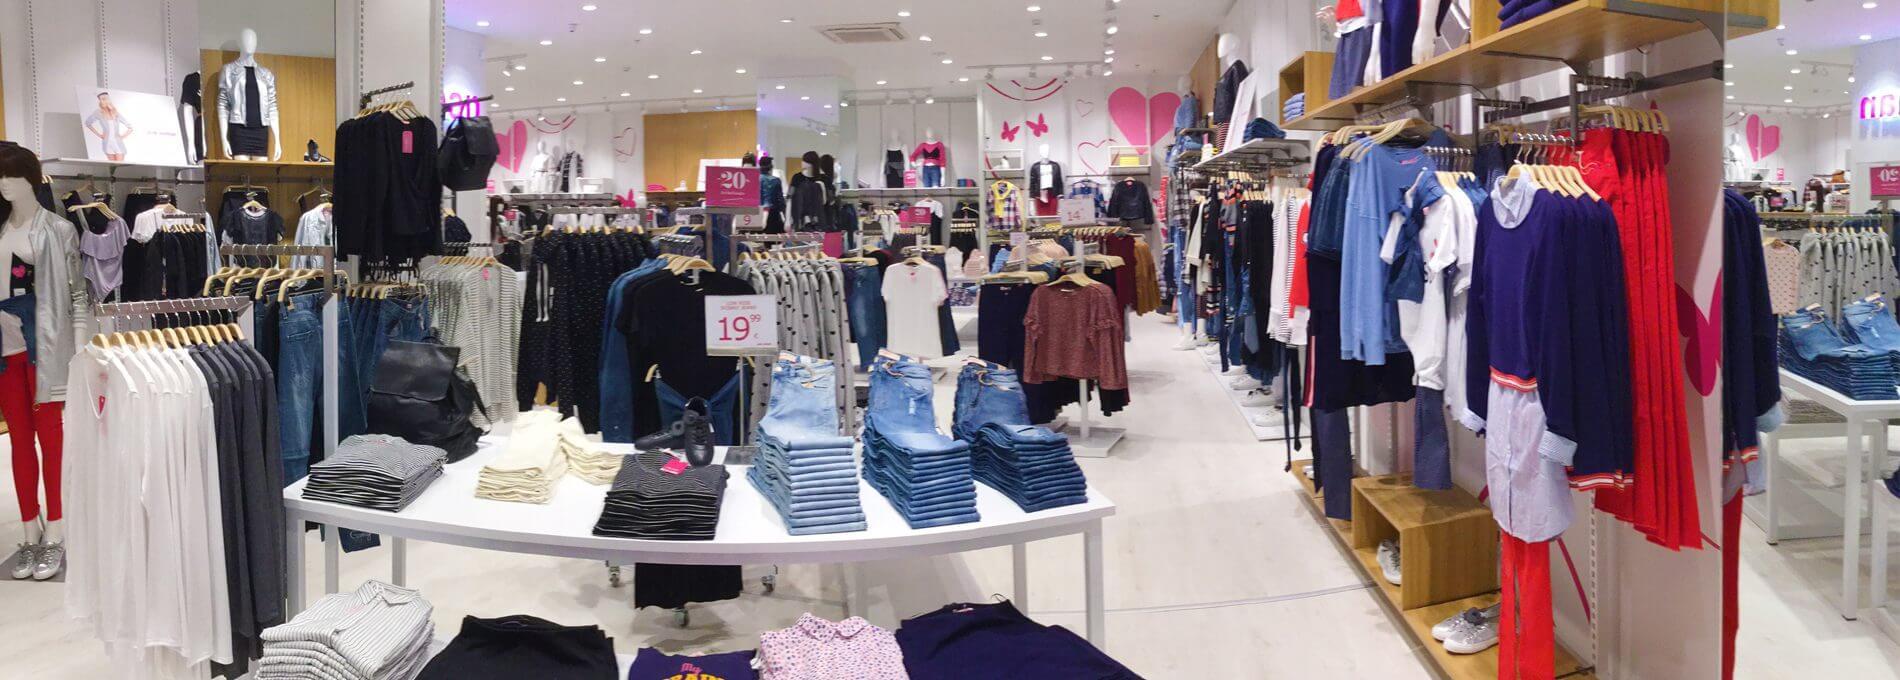 Στο εσωτερικό του καταστήματος Pink Woman προβάλλεται πλούσια ποικιλία απο παντελόνια, μπλούζες, πουκάμισα και άλλα | YouBeHero